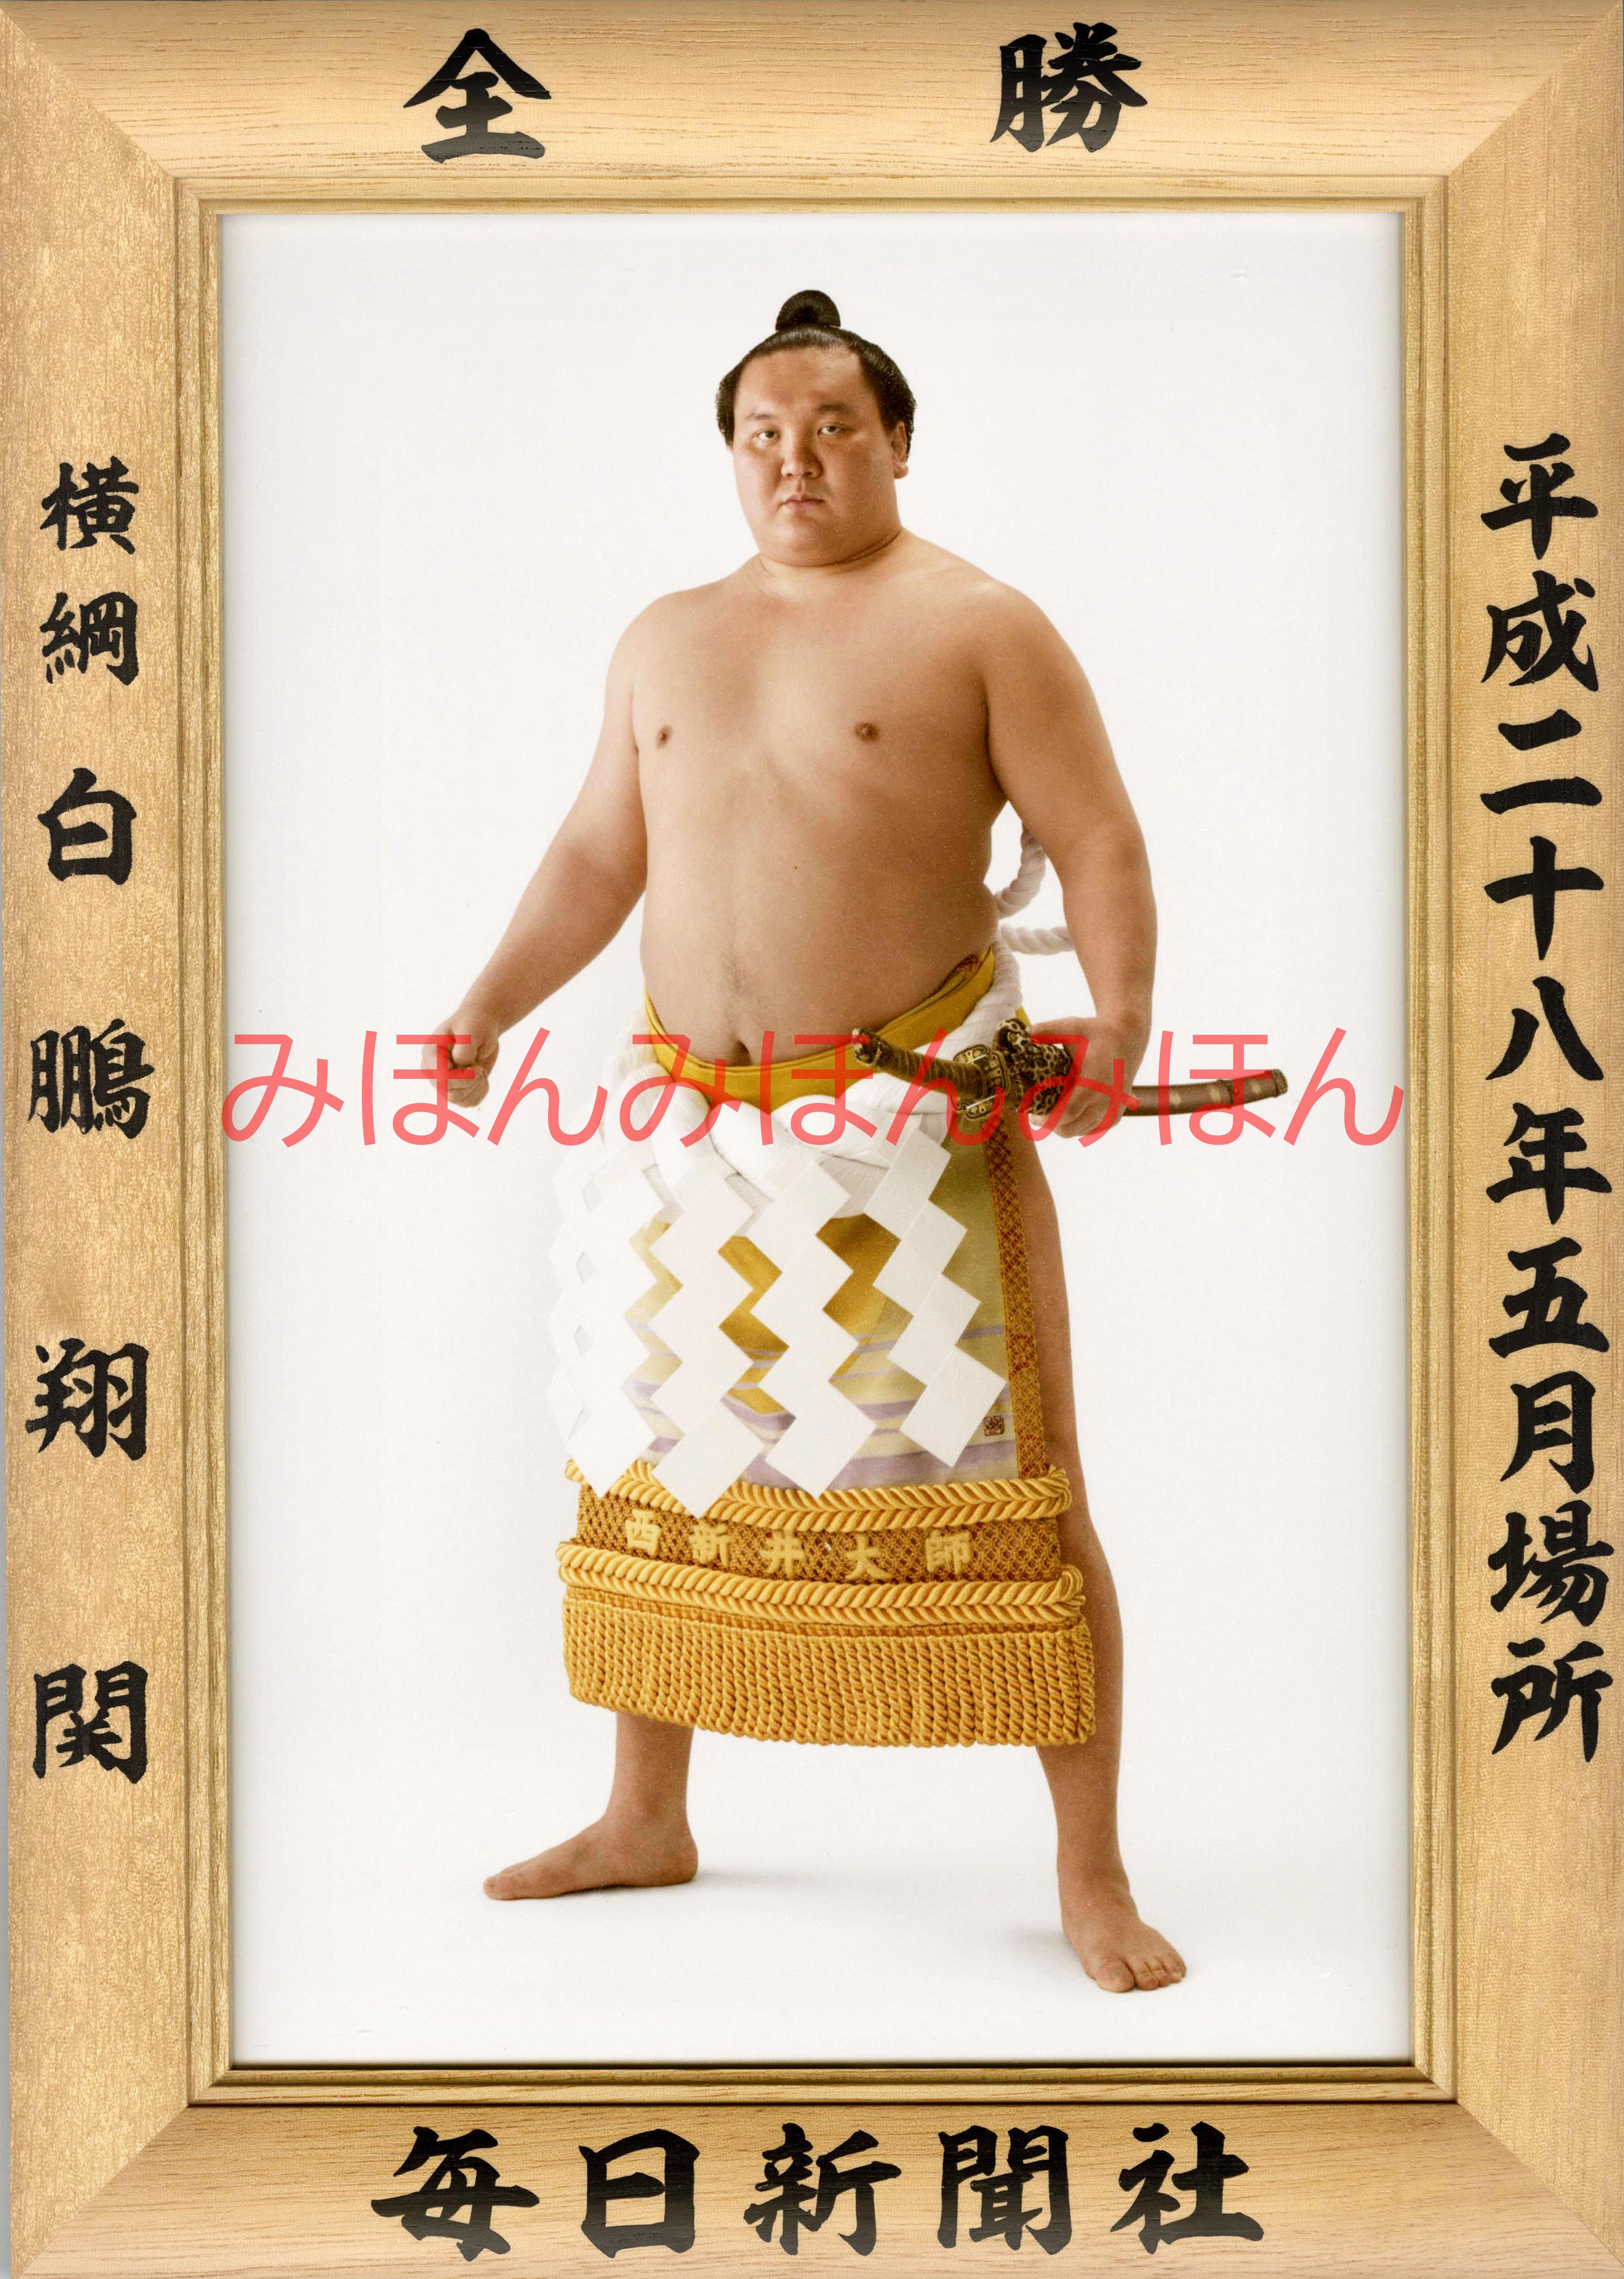 平成28年5月場所全勝 横綱 白鵬翔関(37回目の優勝)